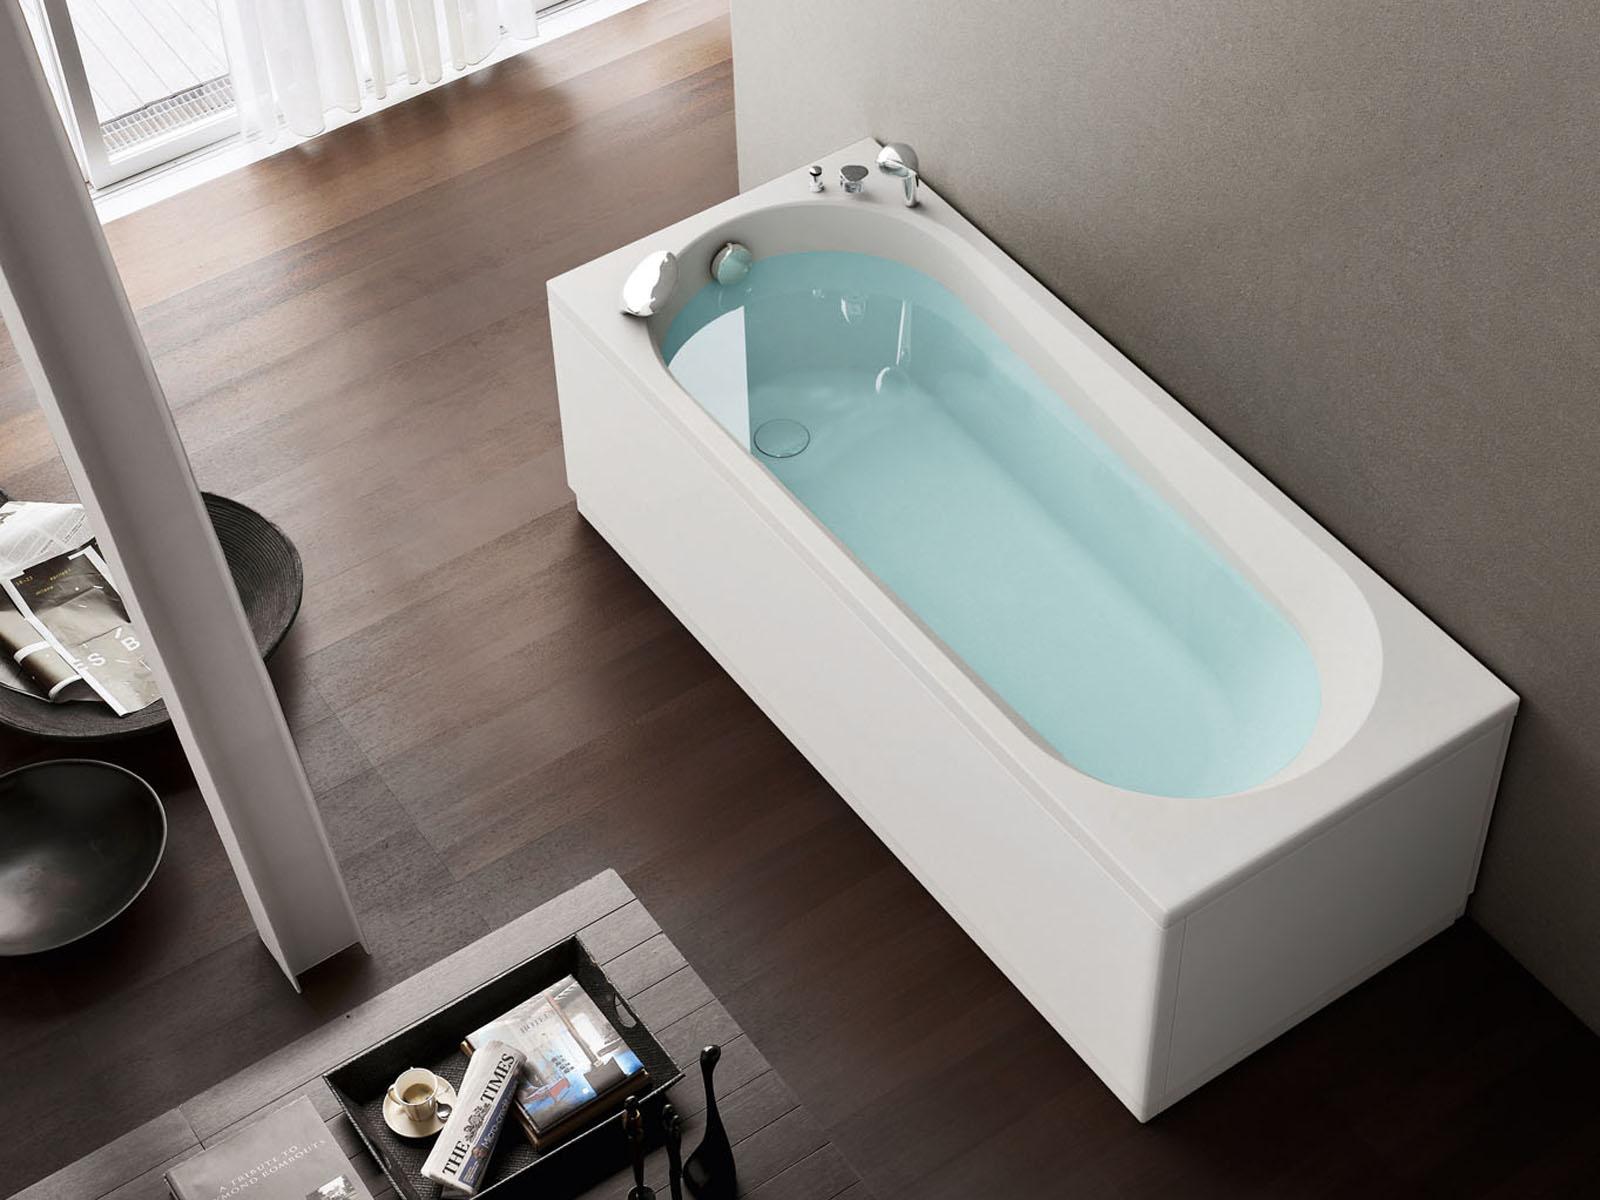 Vasca Da Bagno Misura Piccola : Vasche da bagno di piccole dimensioni